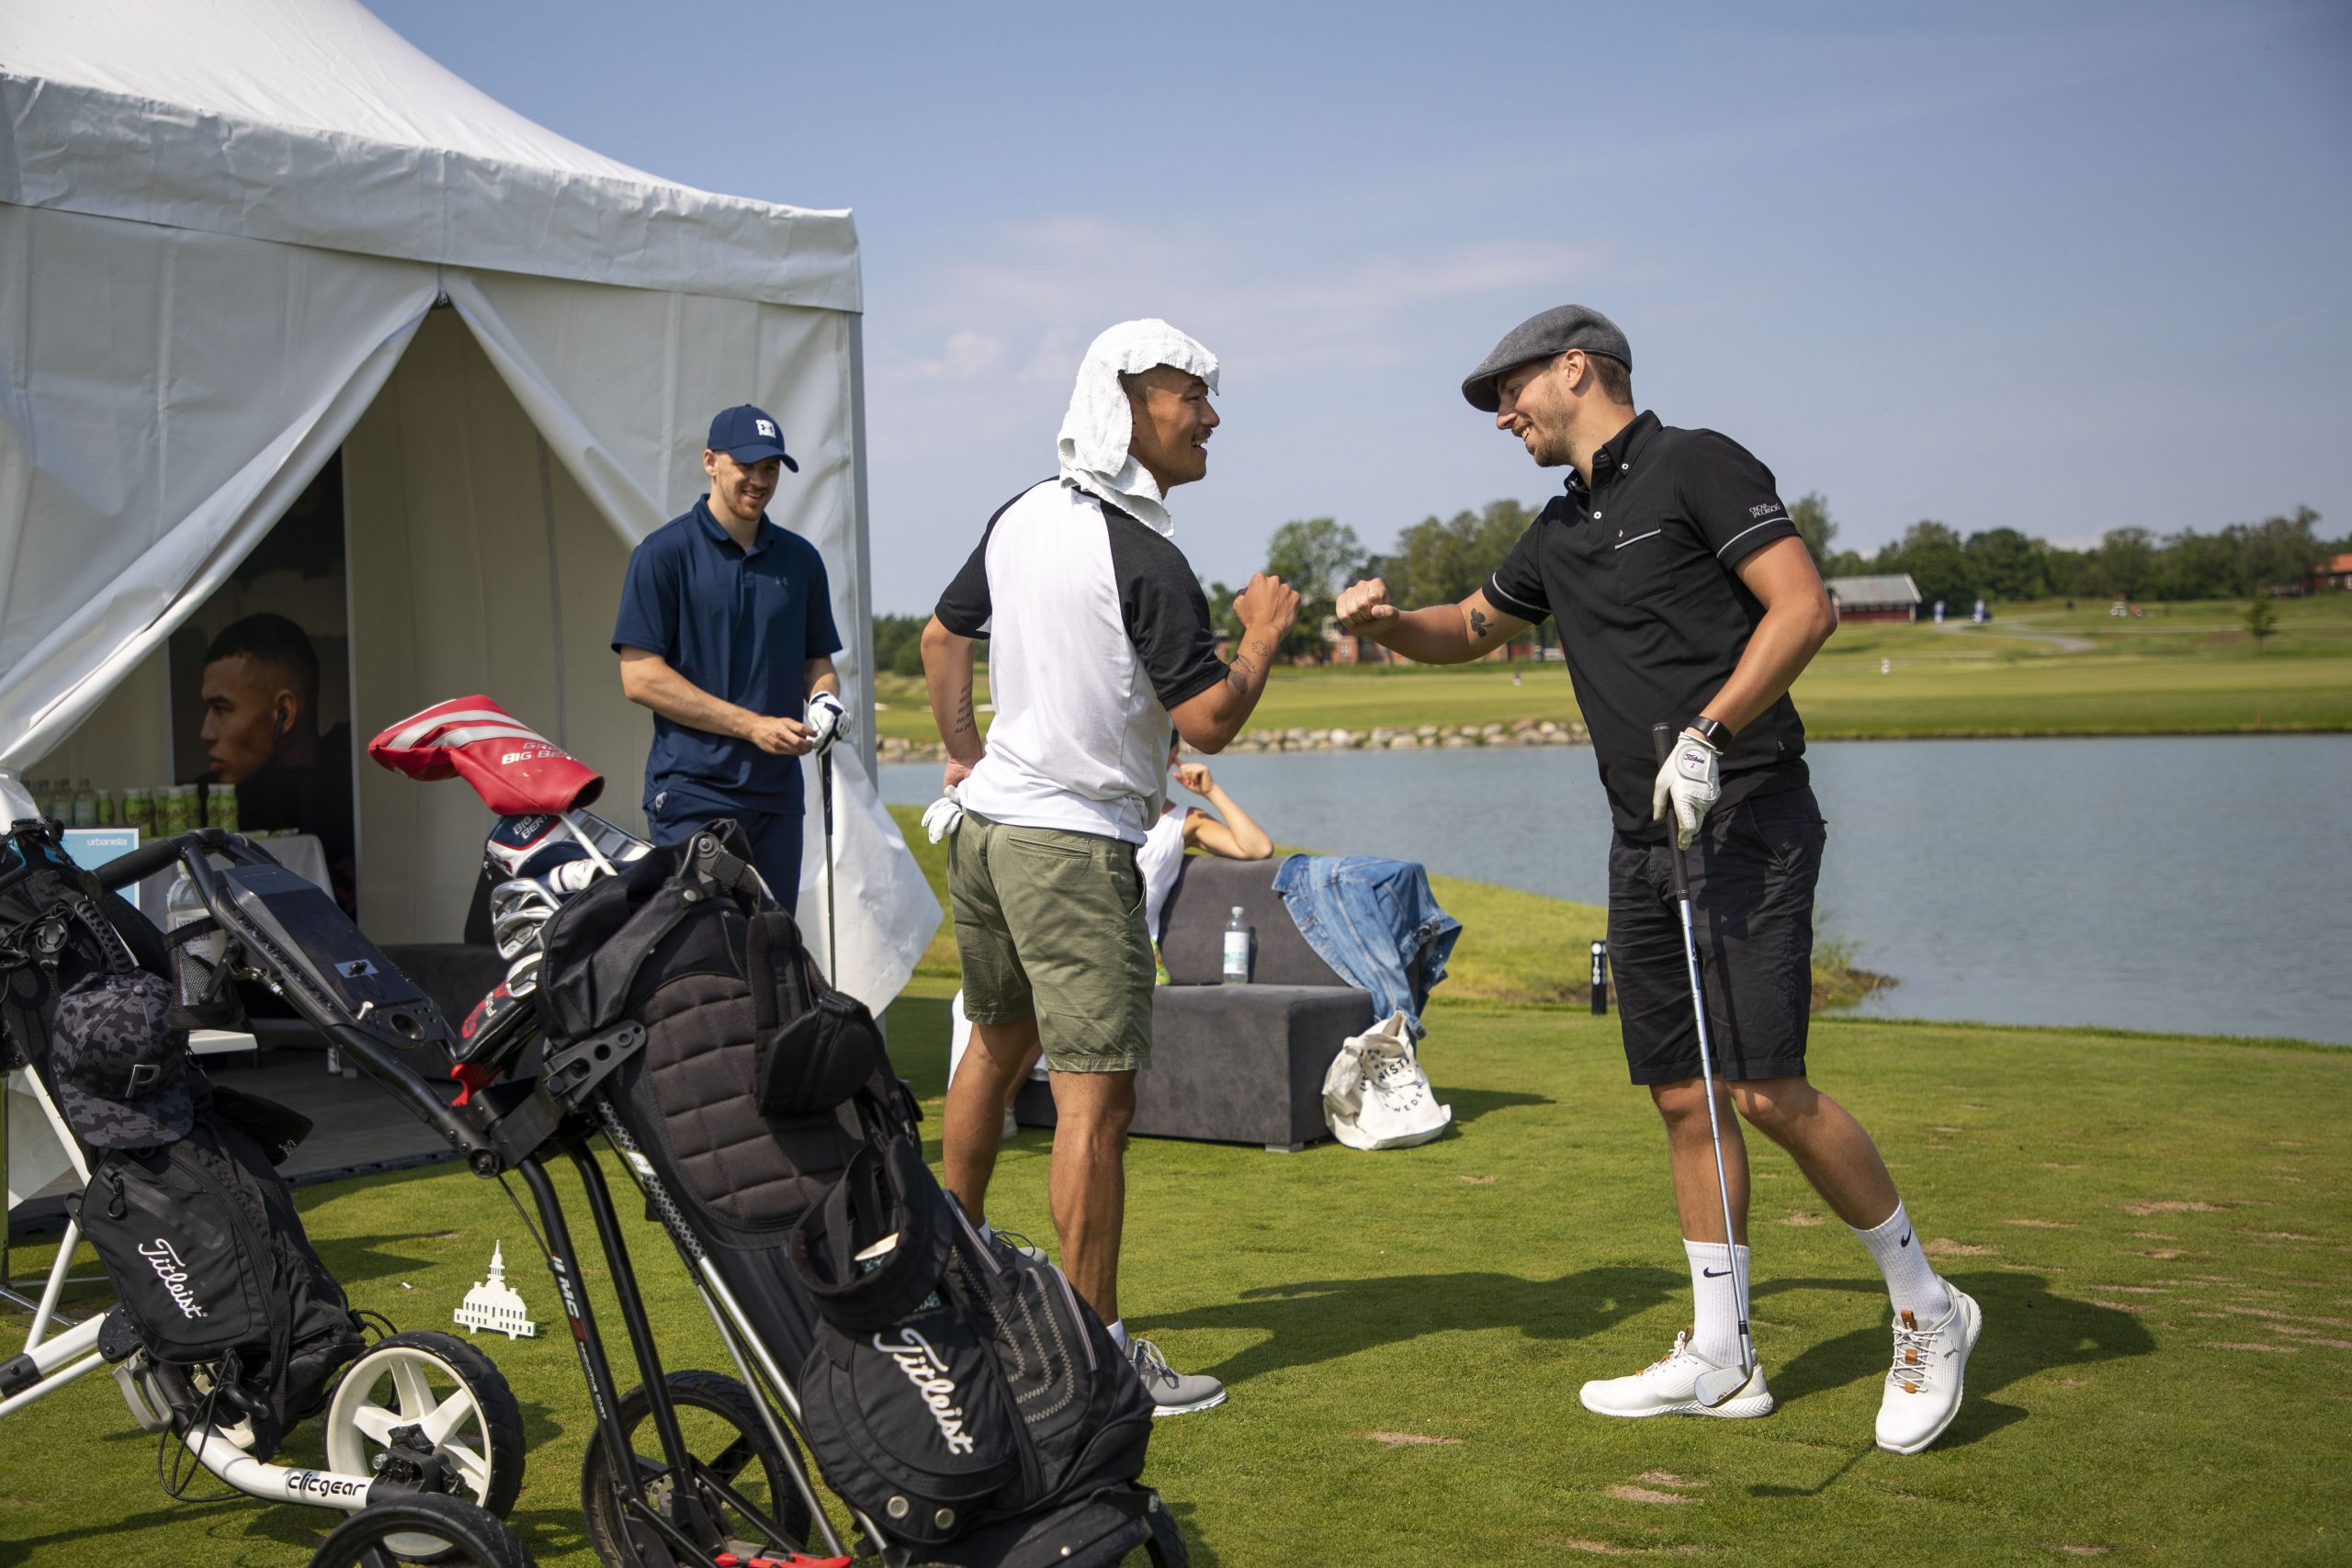 Stark Relation golftävling deltagare diskuterar slaget